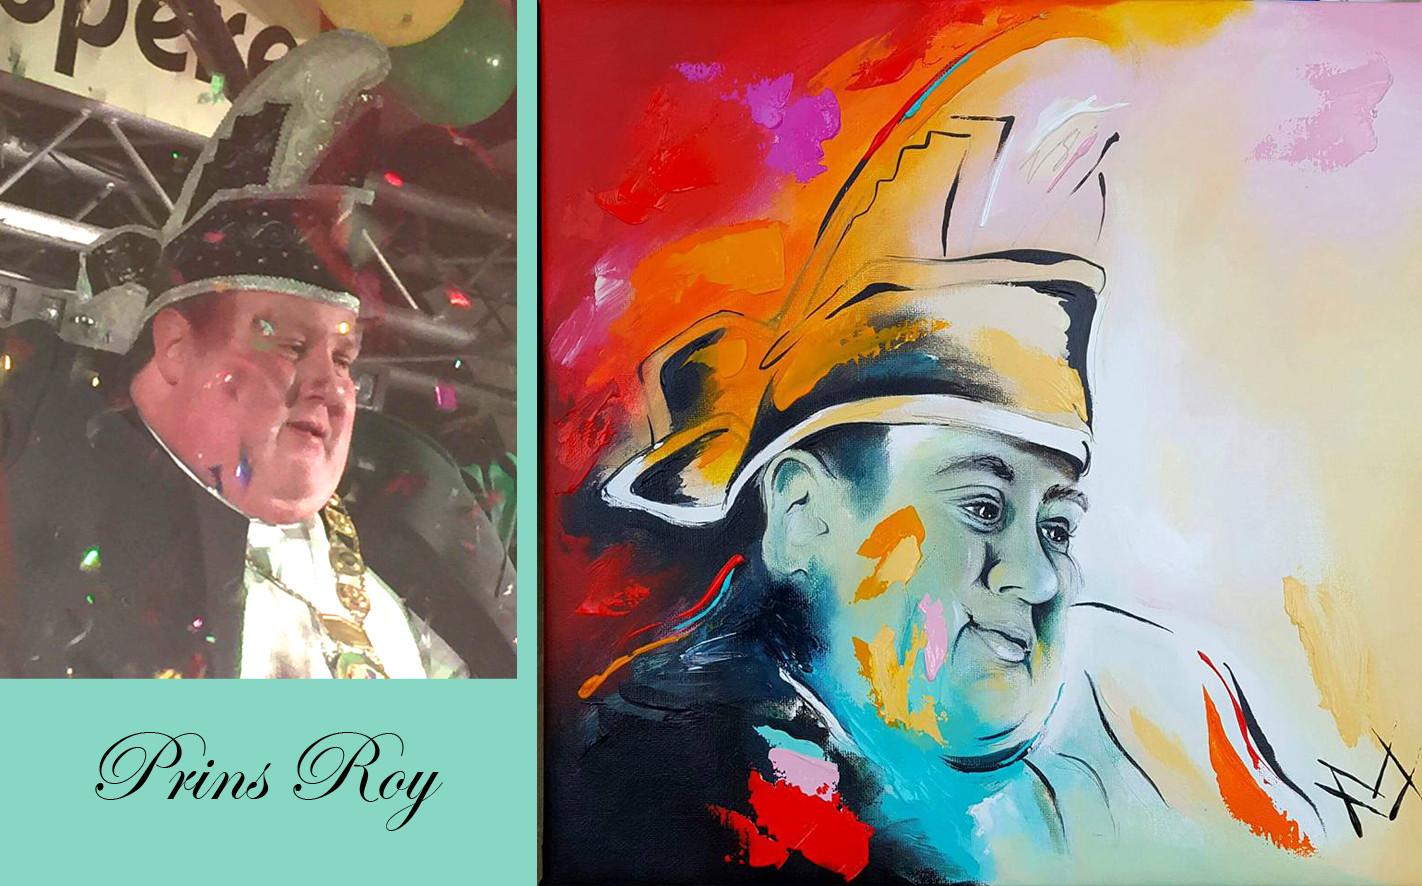 Roy foto en schilderij